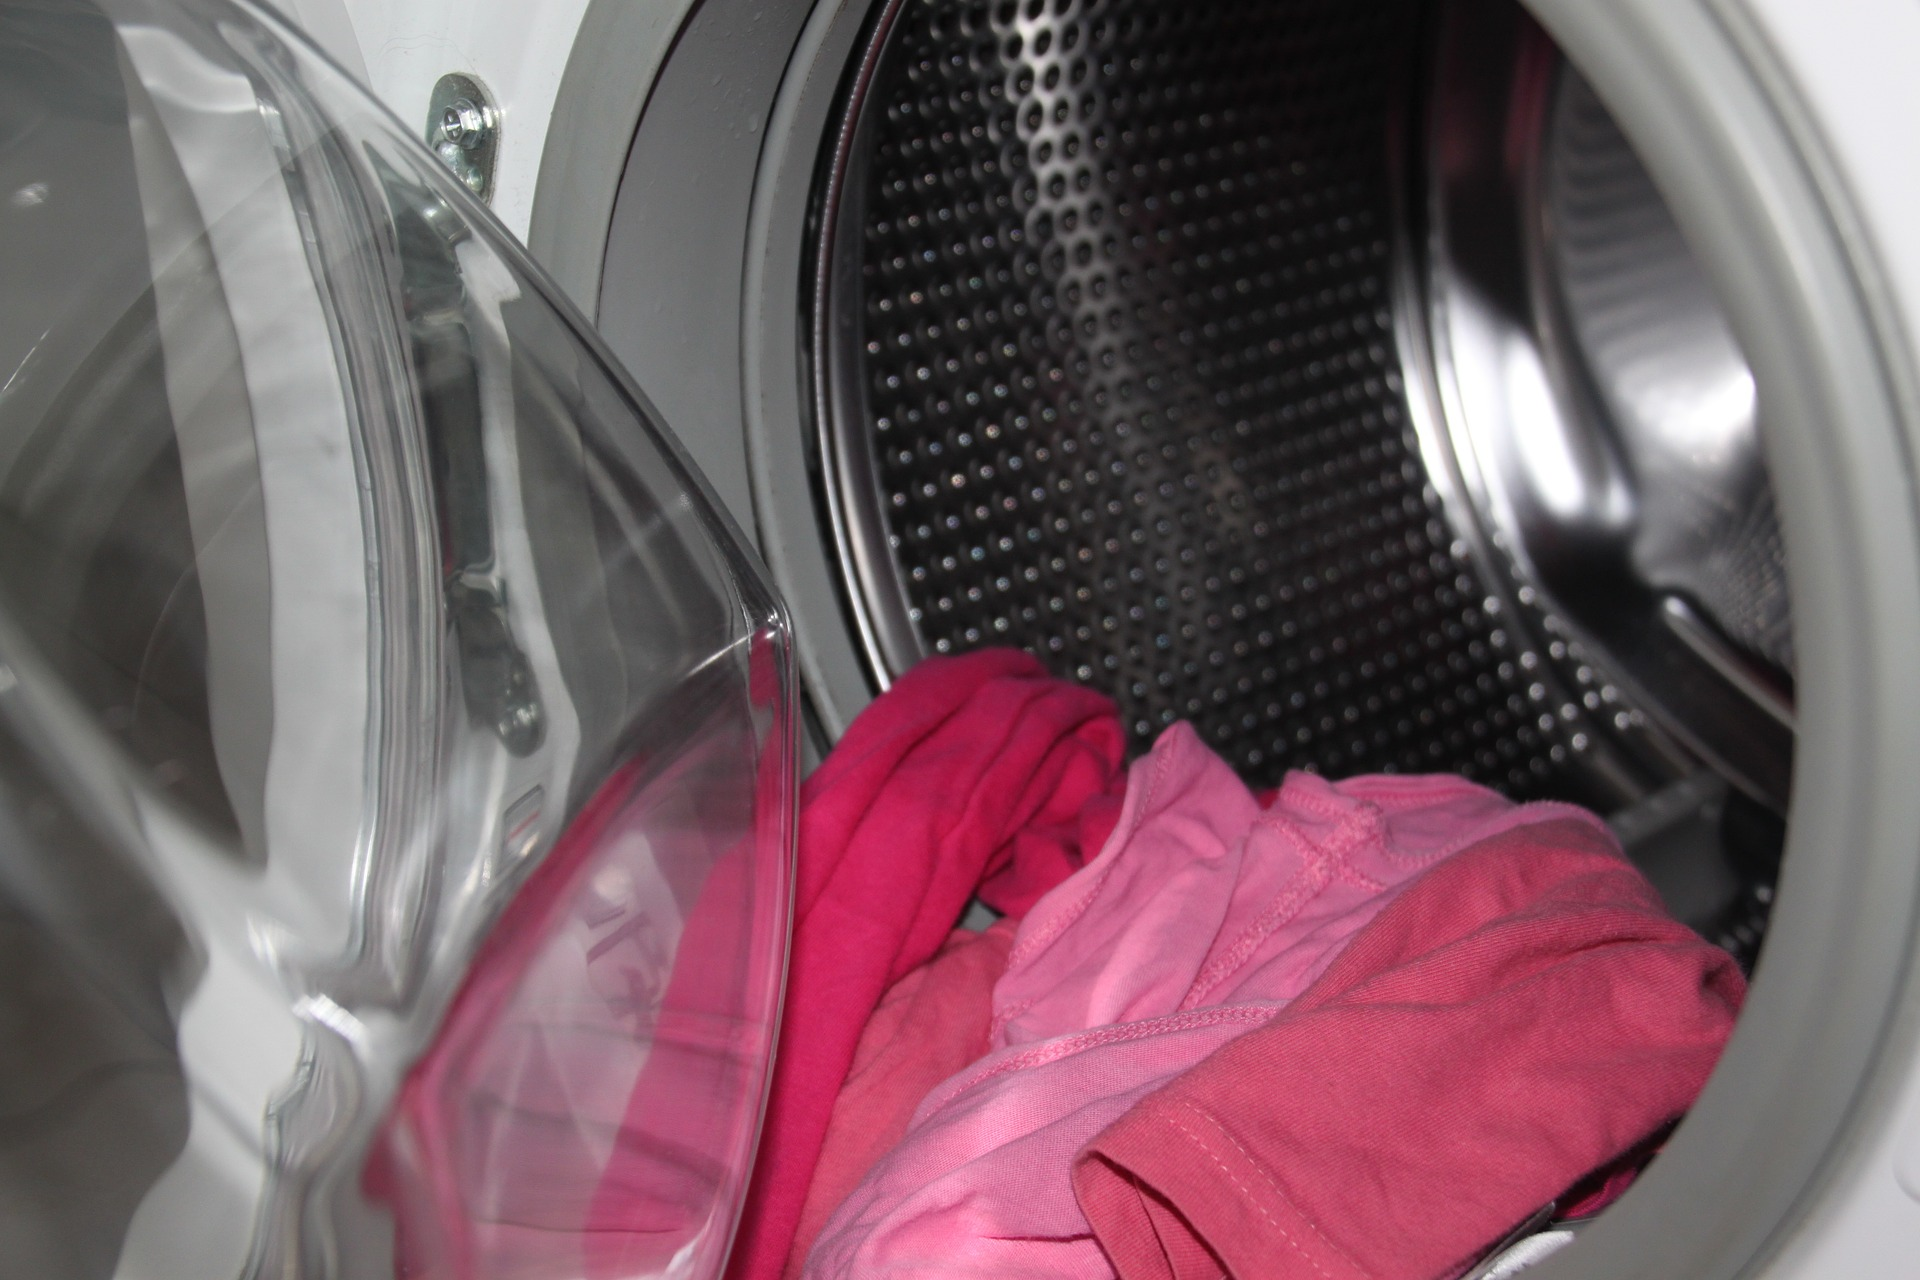 Consigli e rimedi su come pulire la lavatrice